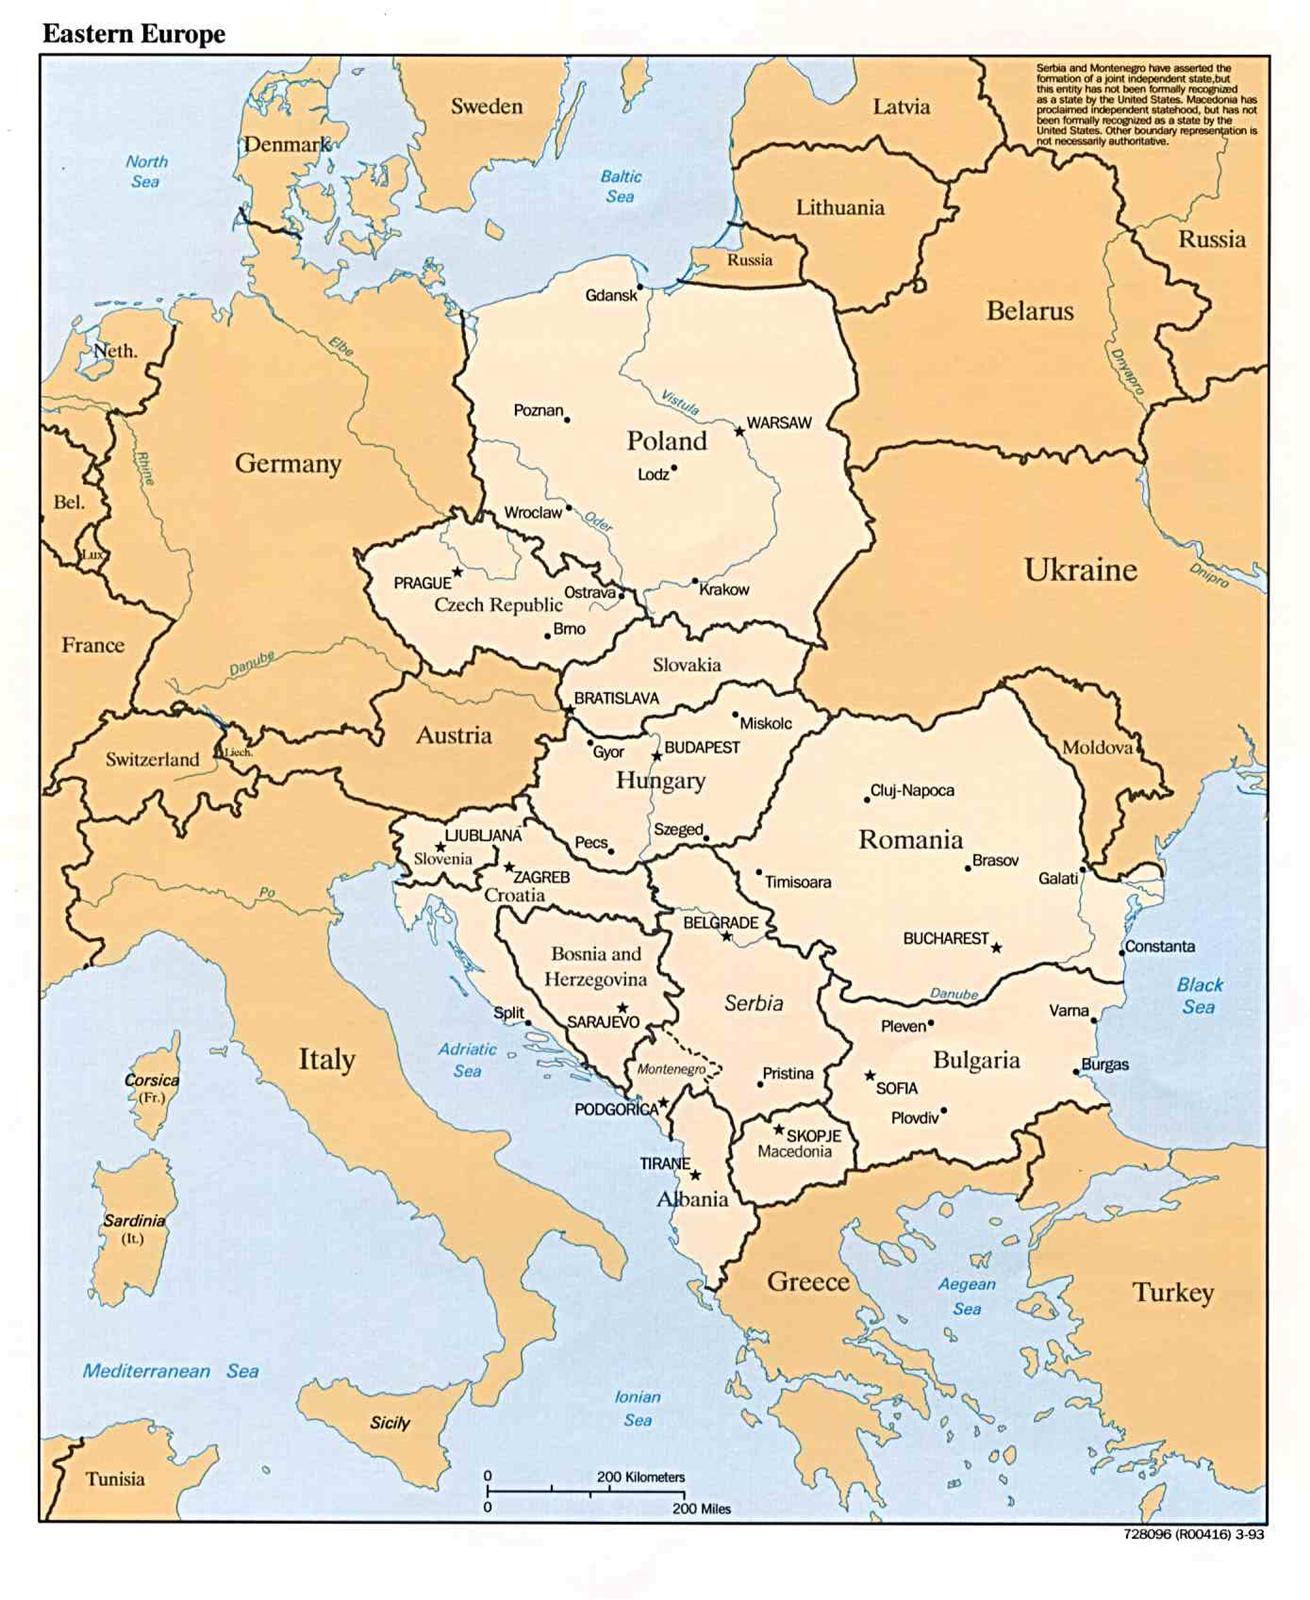 爱沙尼亚地图中文 爱沙尼亚地图英文